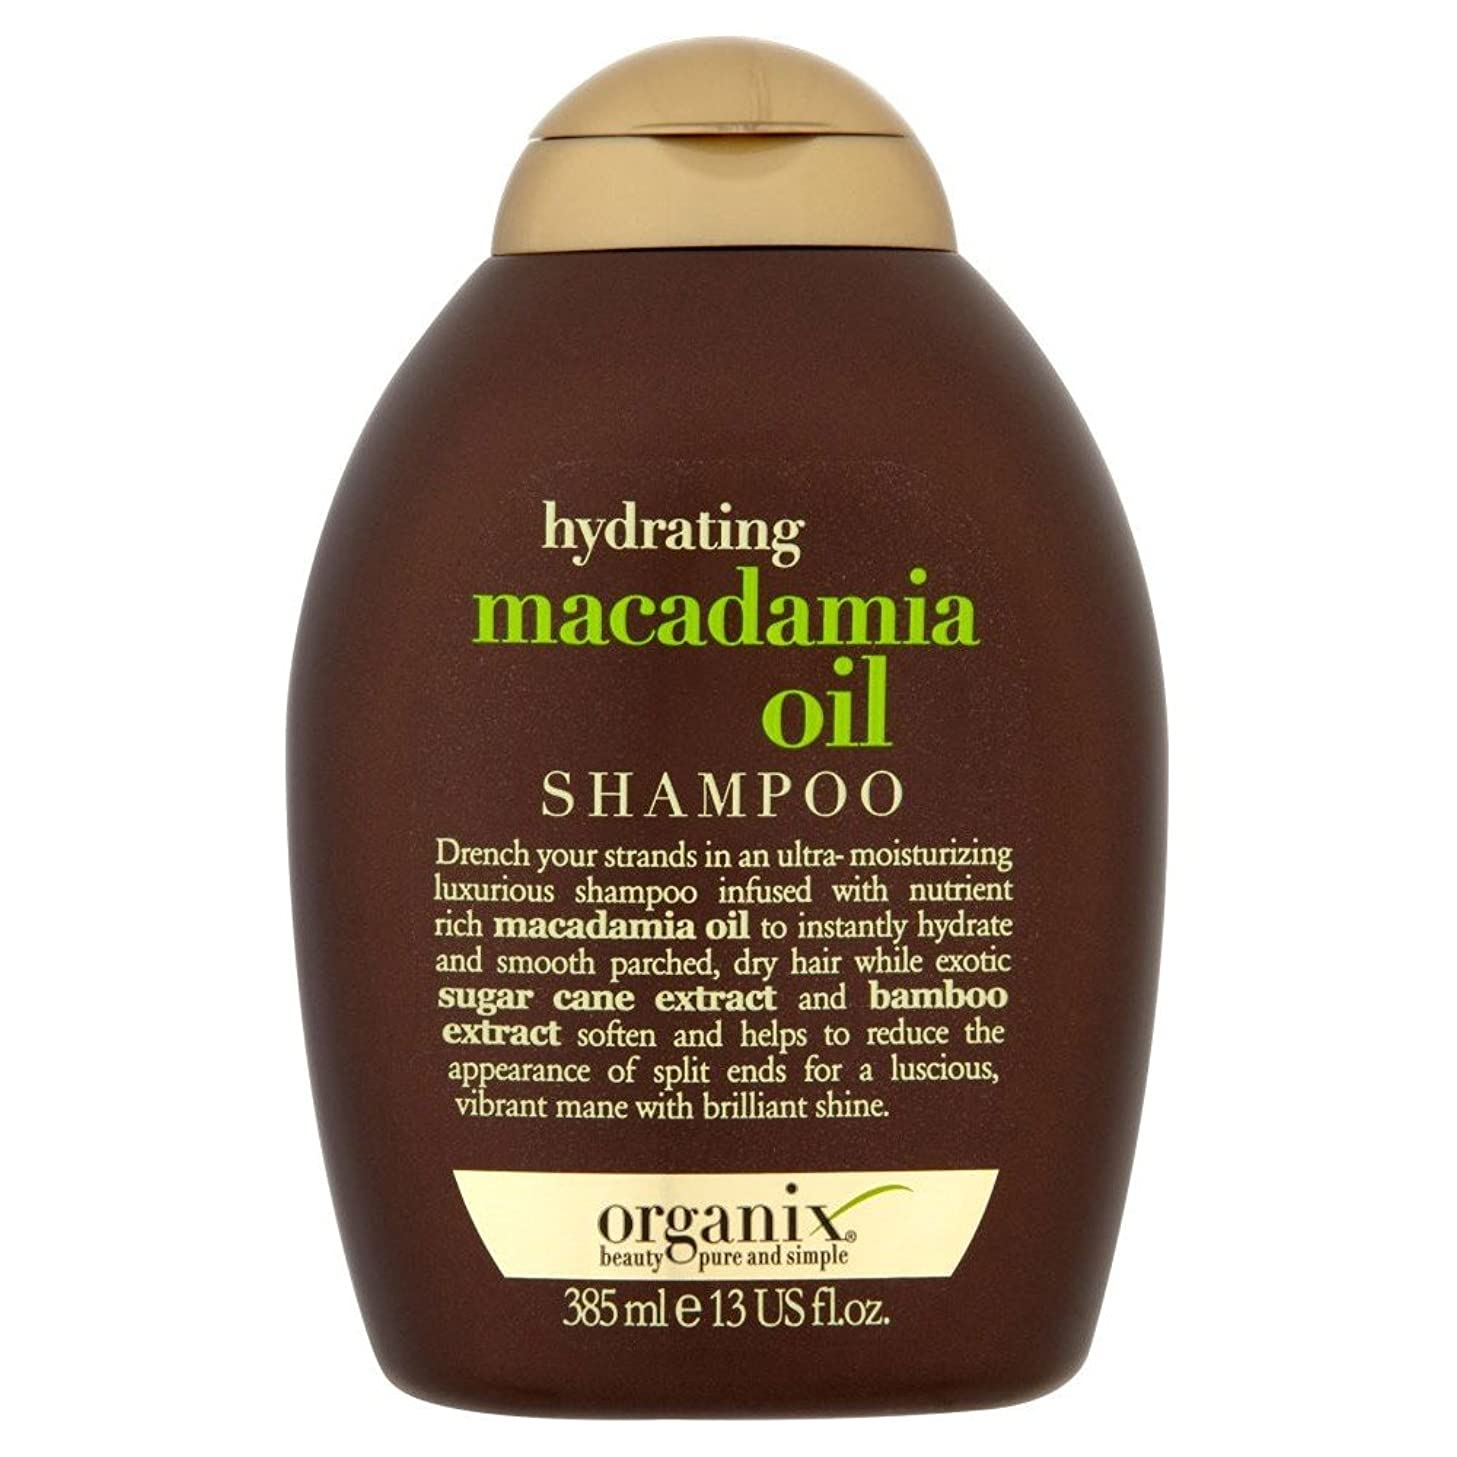 人質勇敢な競合他社選手Organix Hydrating Macadamia Oil Shampoo (385ml) Organix水和マカダミアオイルシャンプー( 385ミリリットル) [並行輸入品]